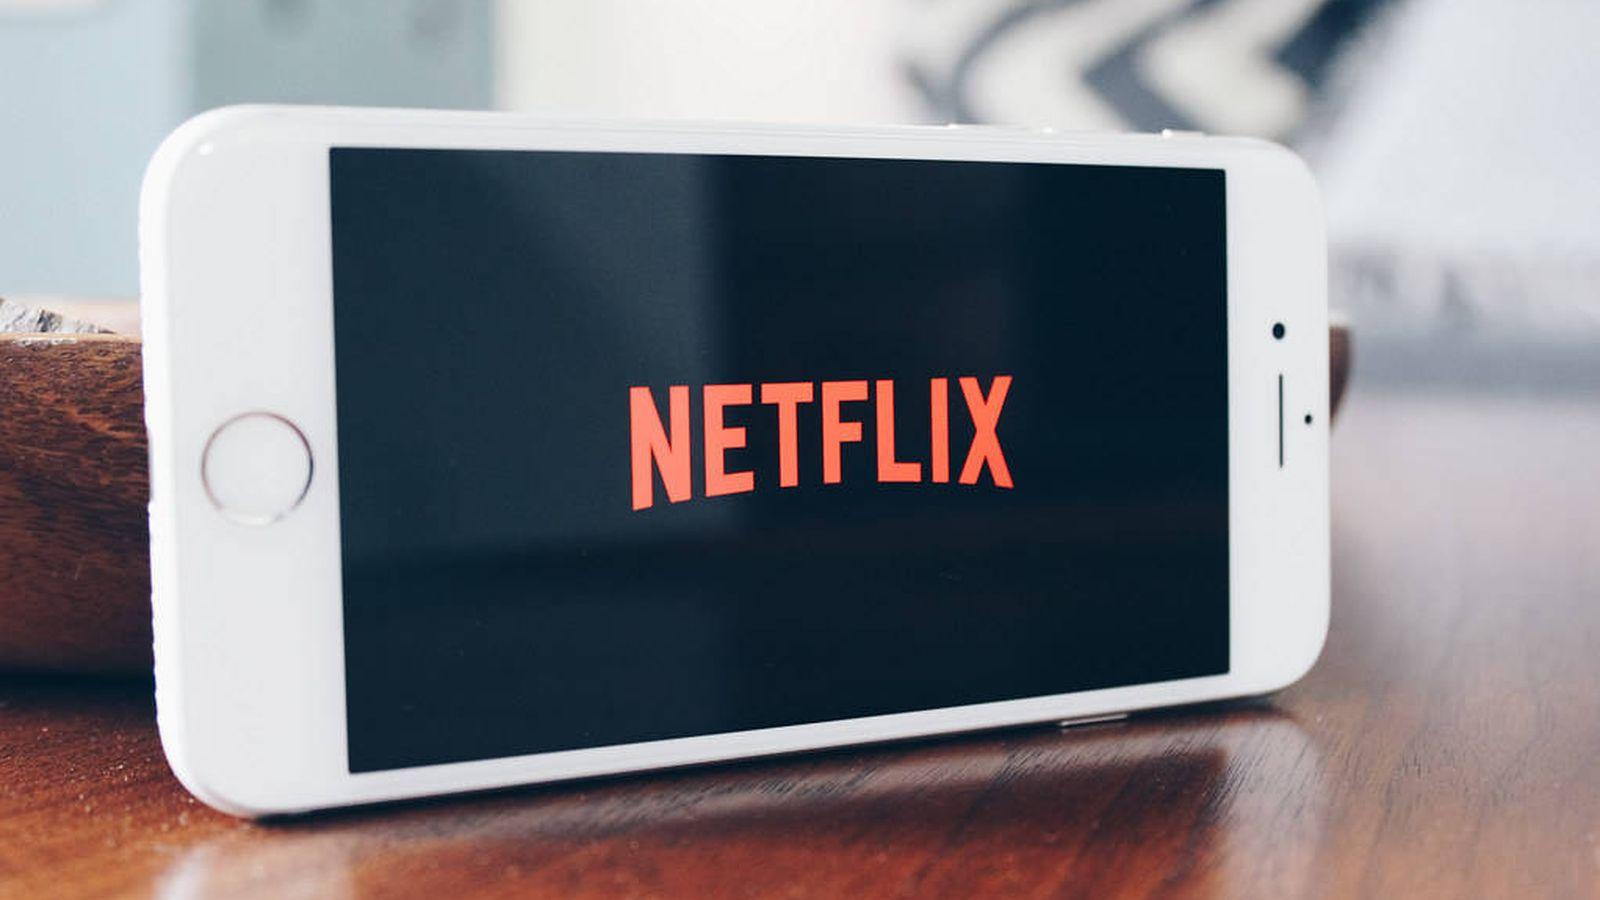 A Qué De Netflix 1 Debes Ofertas No Llenan Que Fiarte Las 50€Por hCtQrds